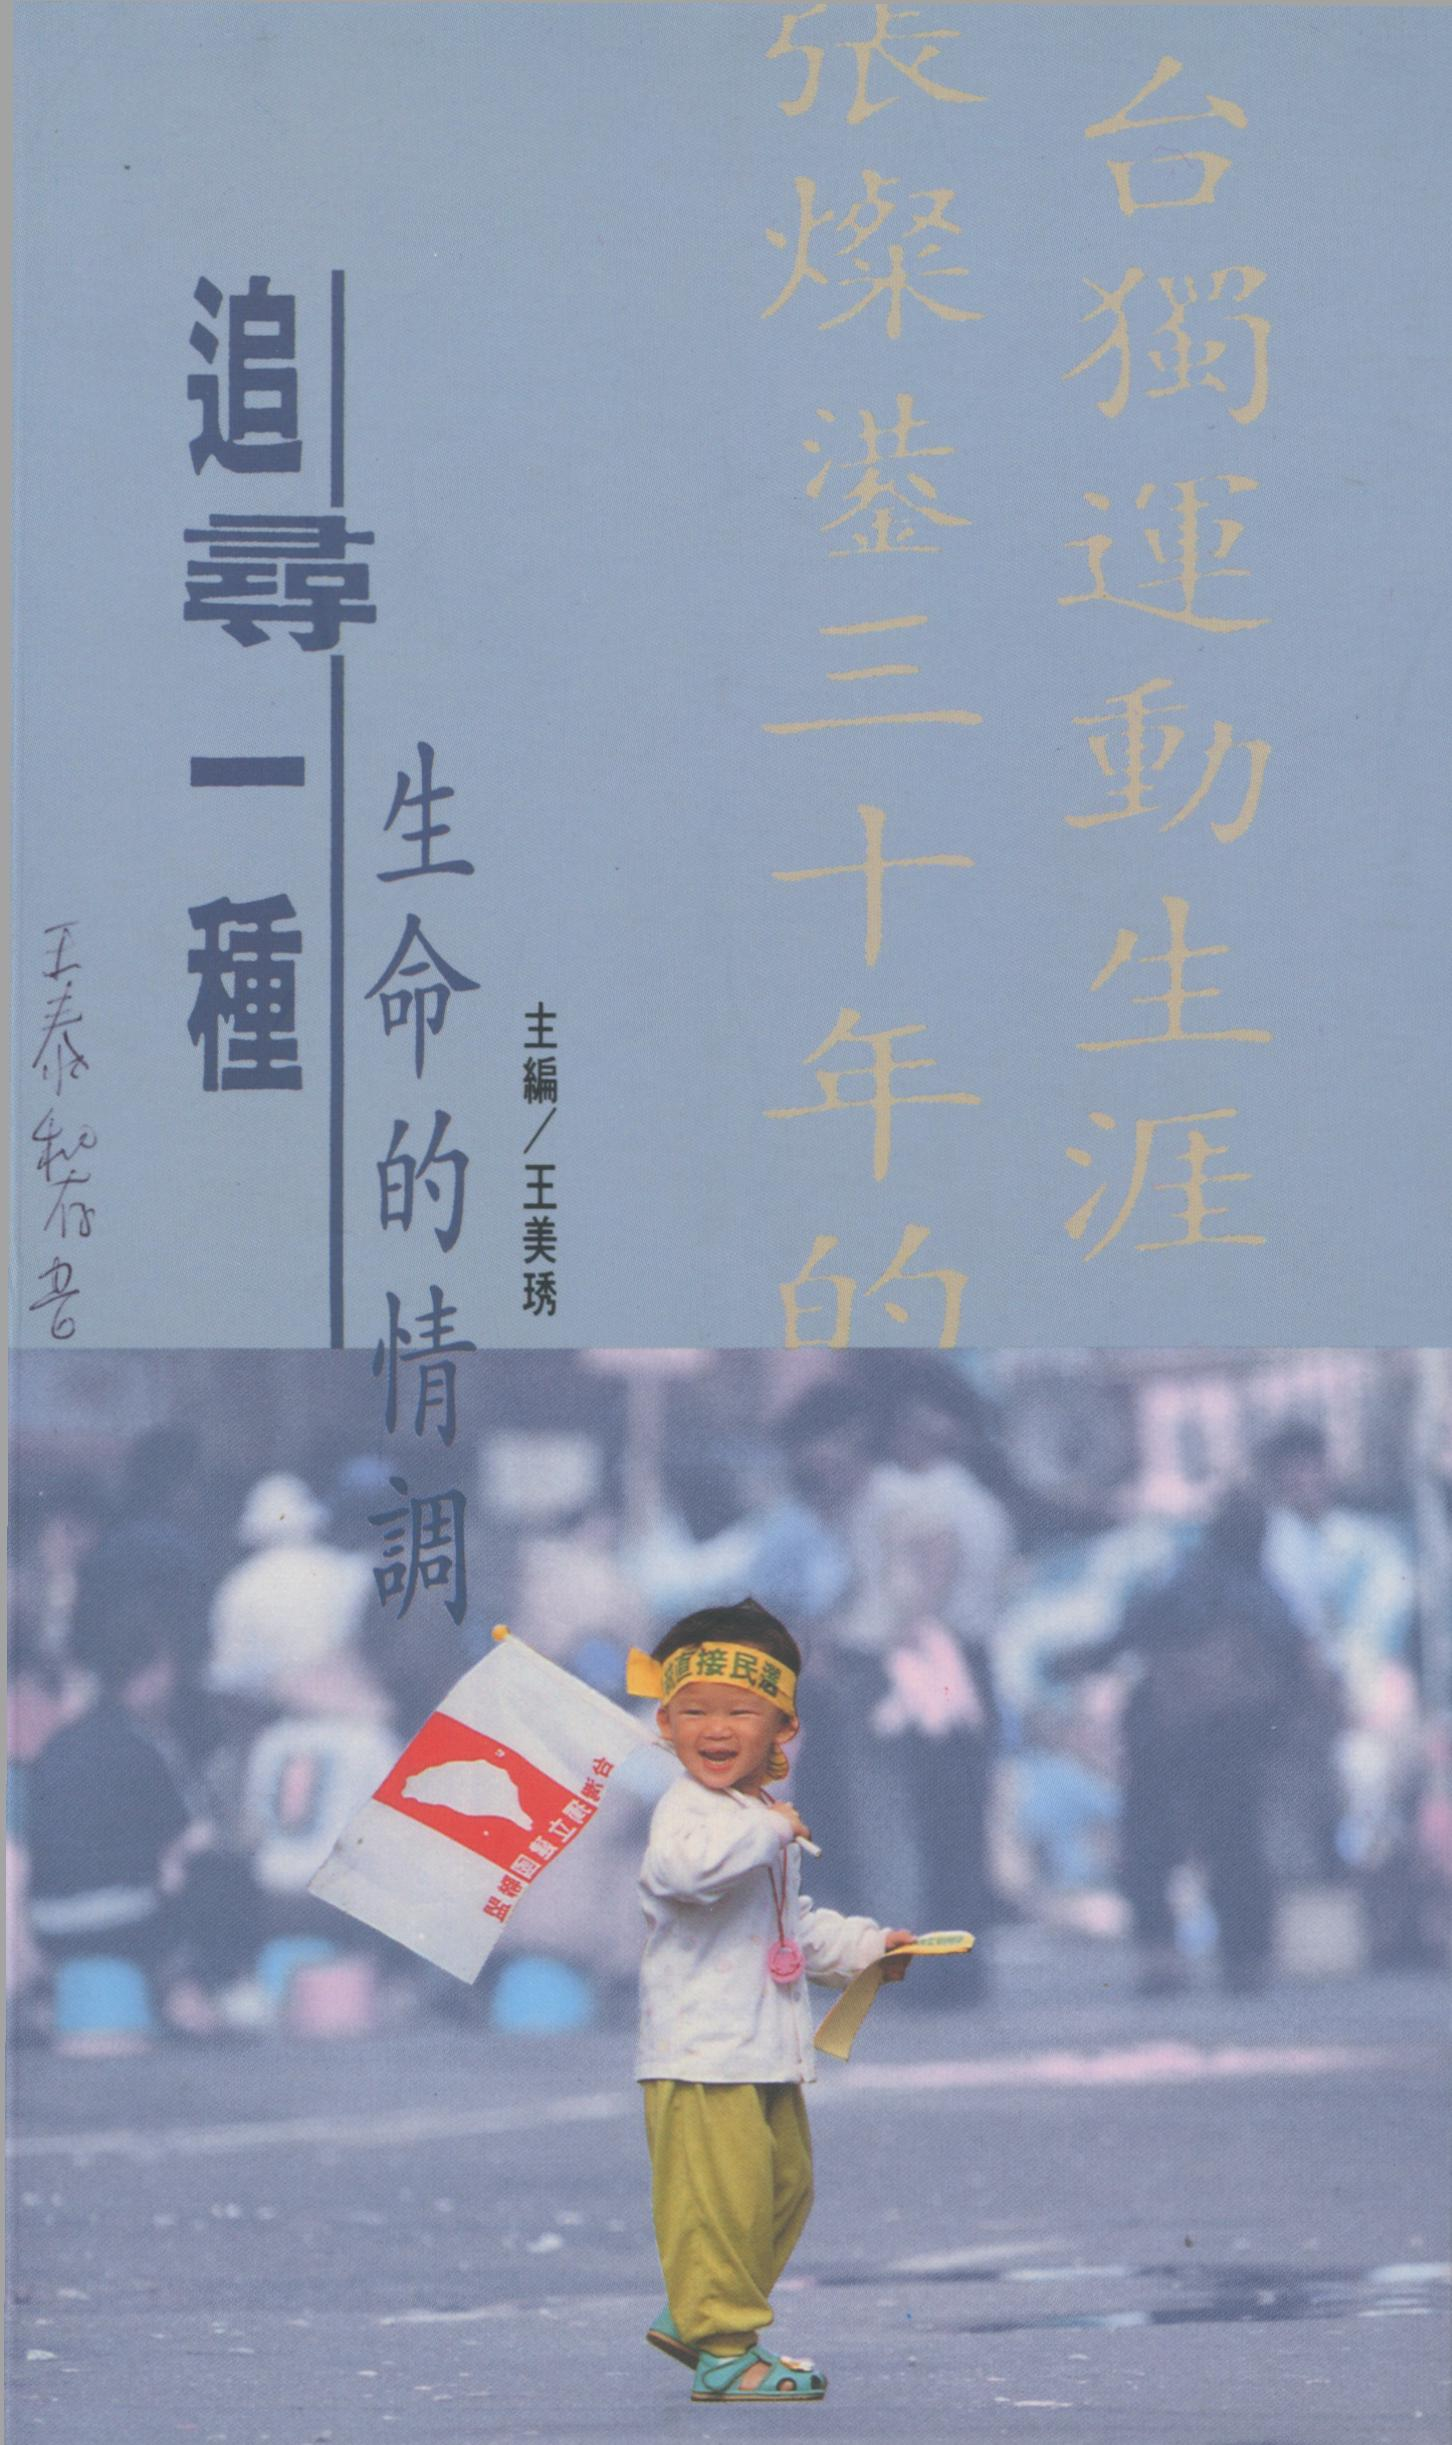 1299. 追尋一種生命的情調:張燦鍙三十年的台獨運動生涯/王美琇/1992